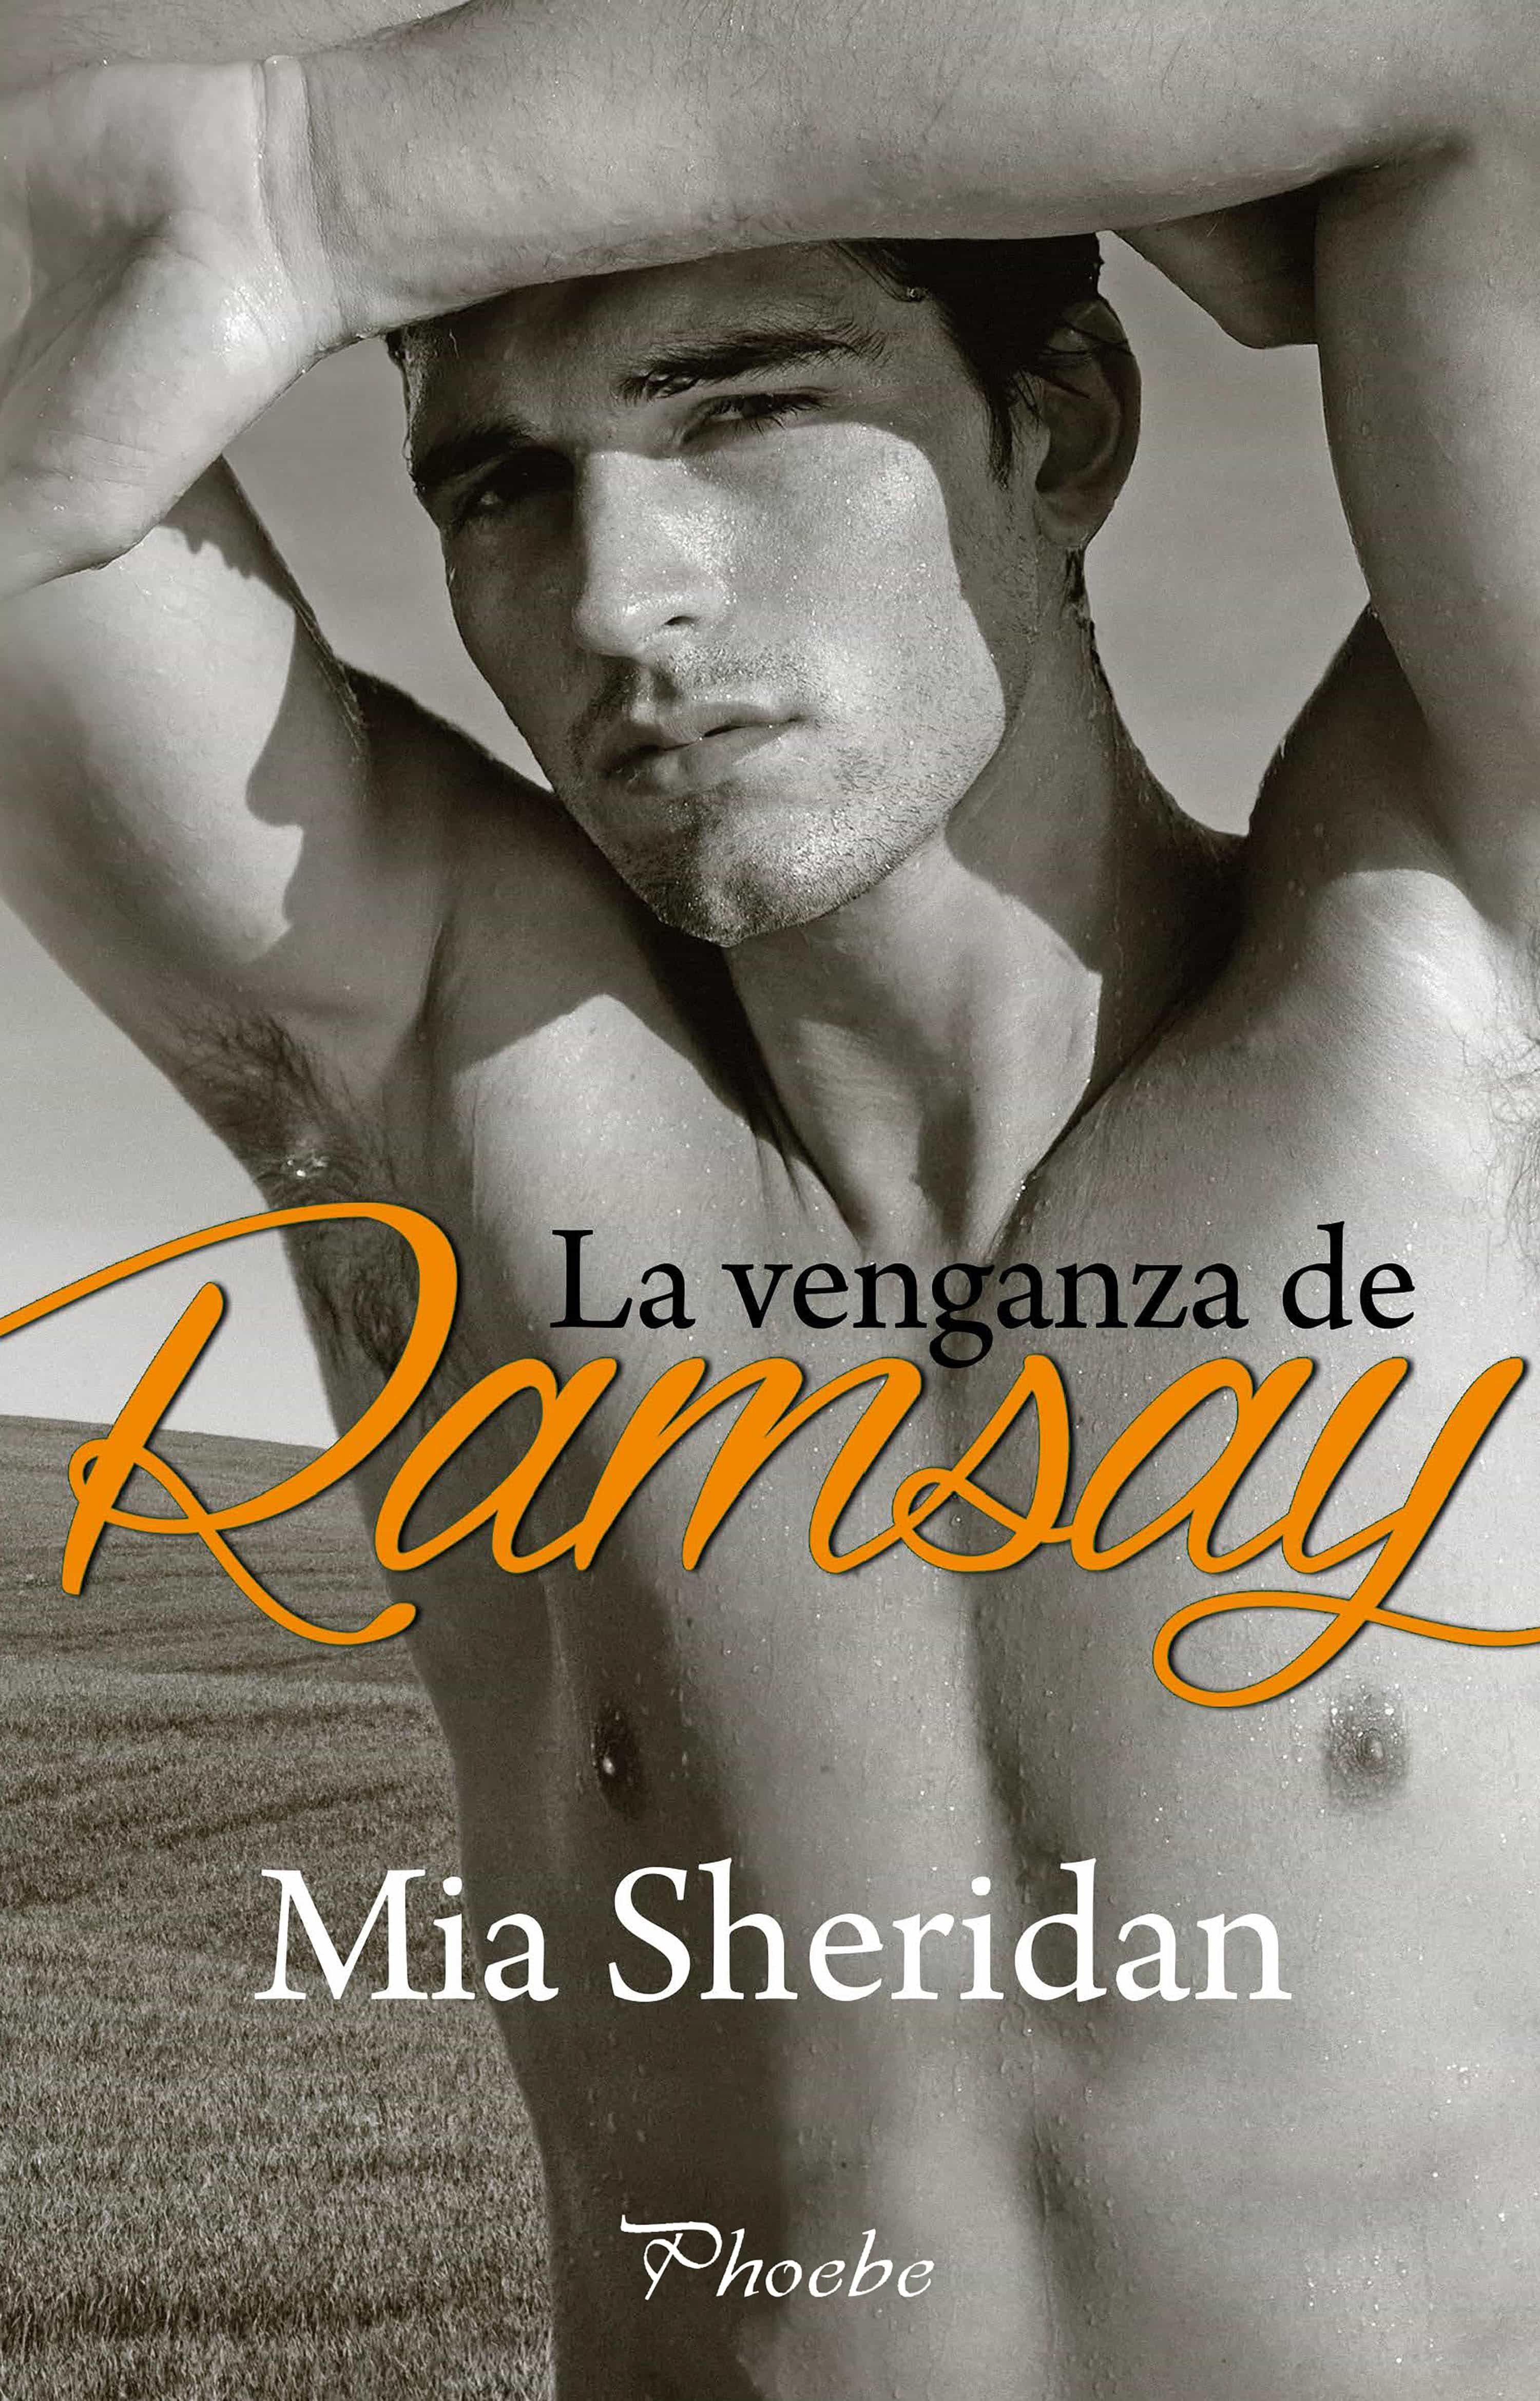 Resultado de imagen para La Venganza de Ramsay de Mia Sheridan.